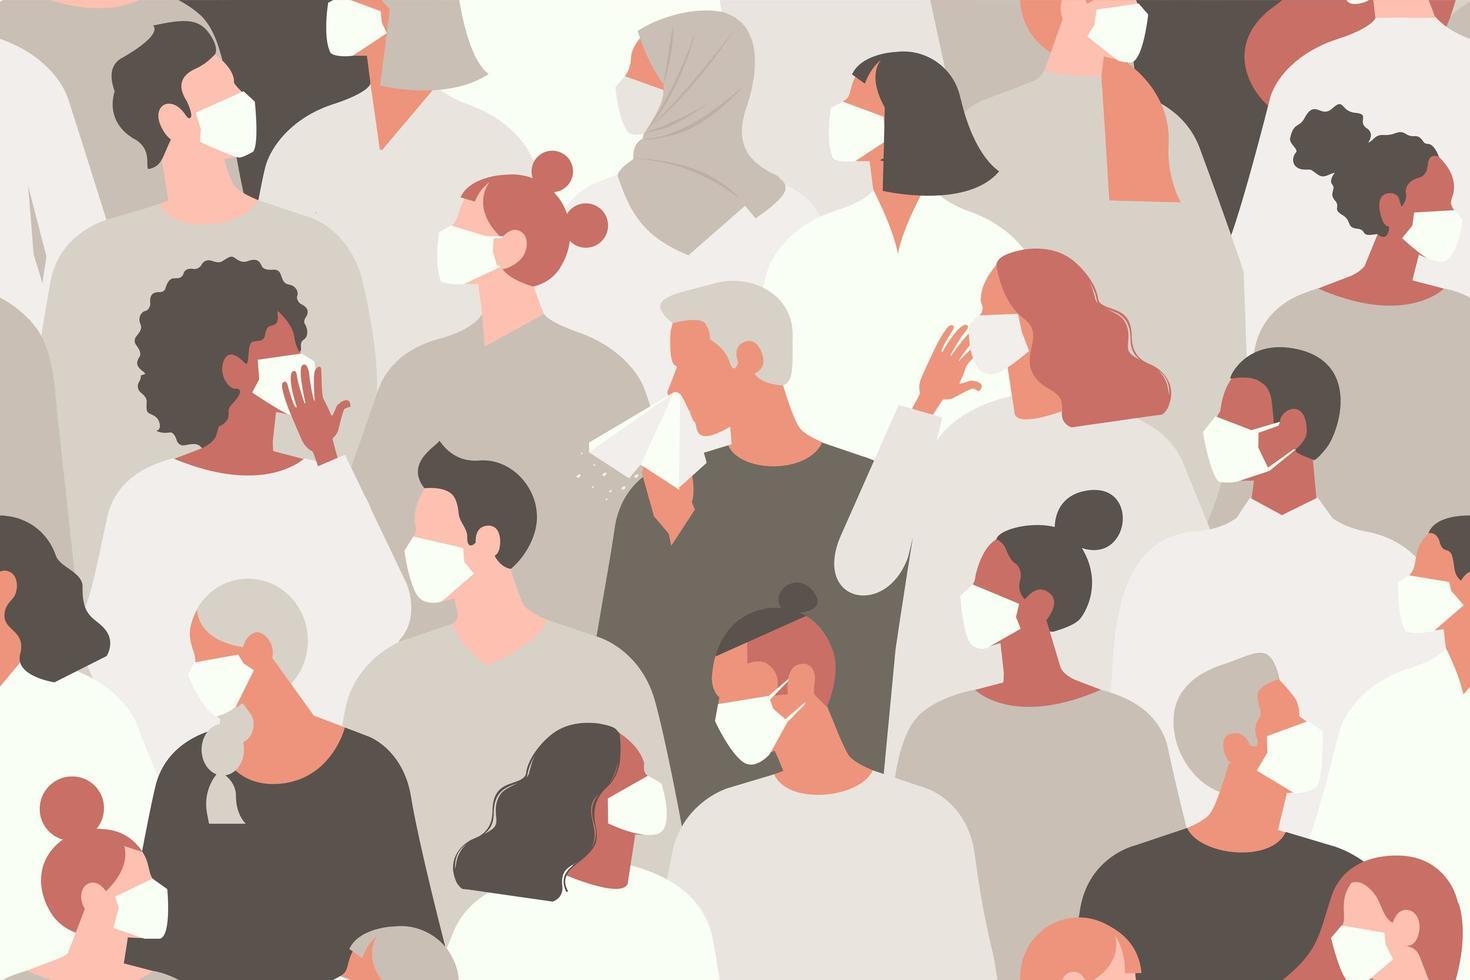 coronapandemie. nieuw coronavirus 2019-ncov, mensen in wit medisch gezichtsmasker. concept van coronavirus quarantaine vectorillustratie. naadloze patroon. vector